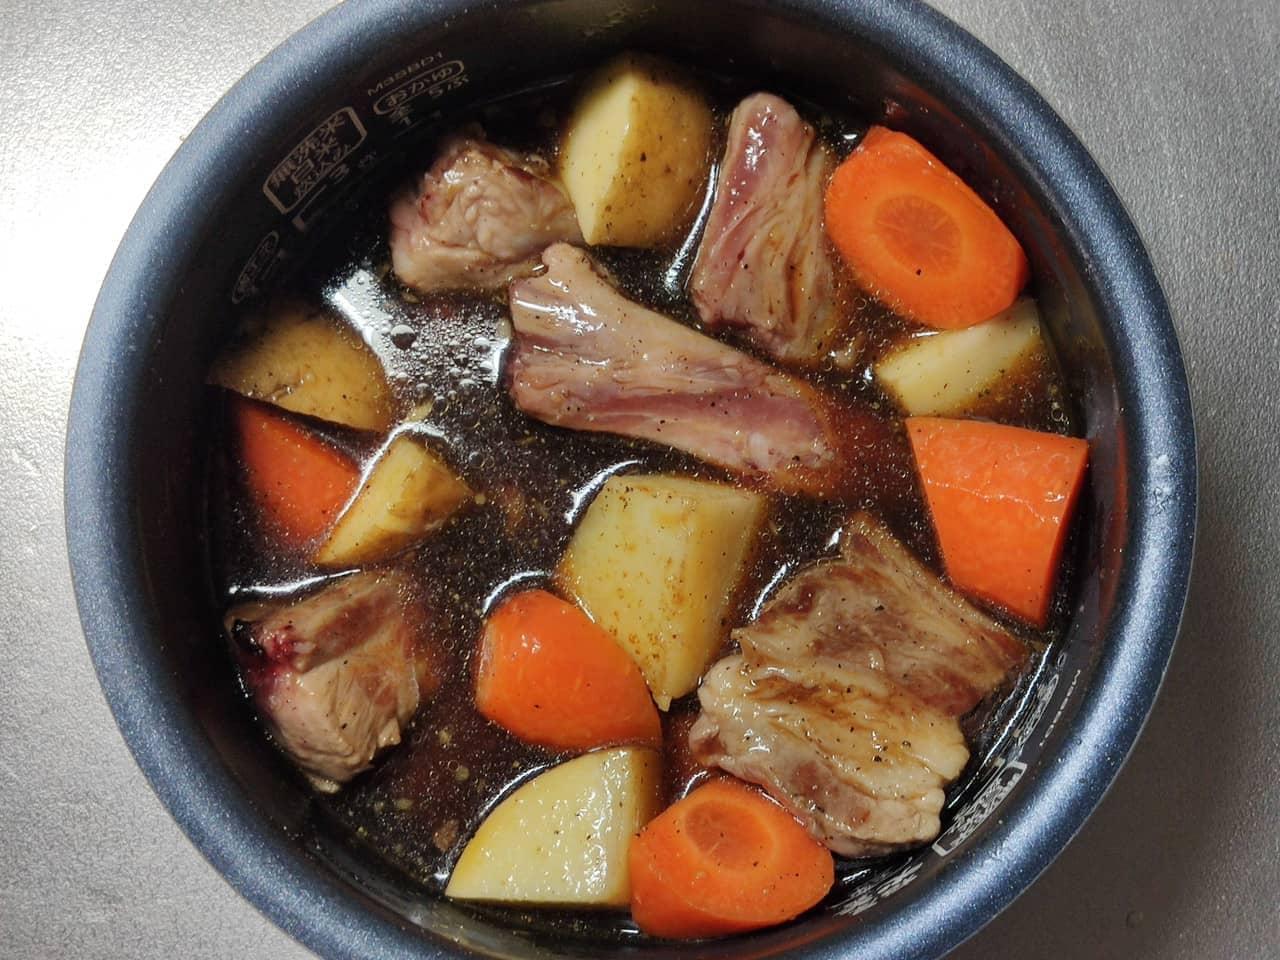 炊飯器で作る豚スペアリブ煮込み